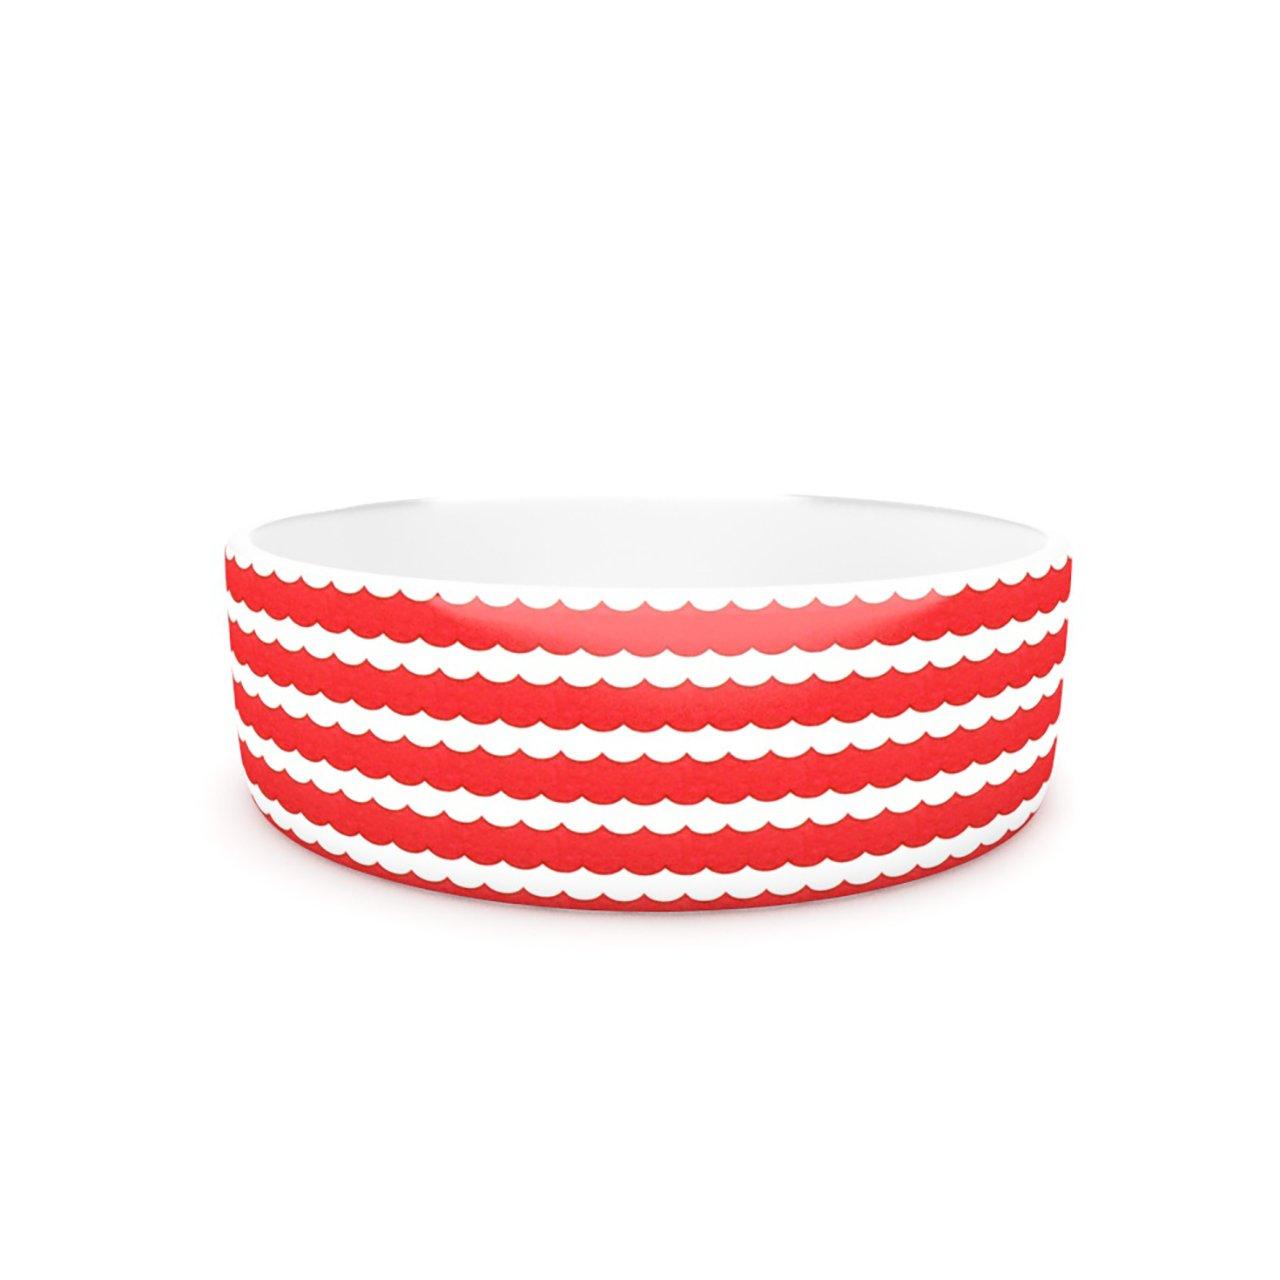 Kess InHouse Heidi Jennnings Feeling Festive  Pet Bowl, 7-Inch, Red White